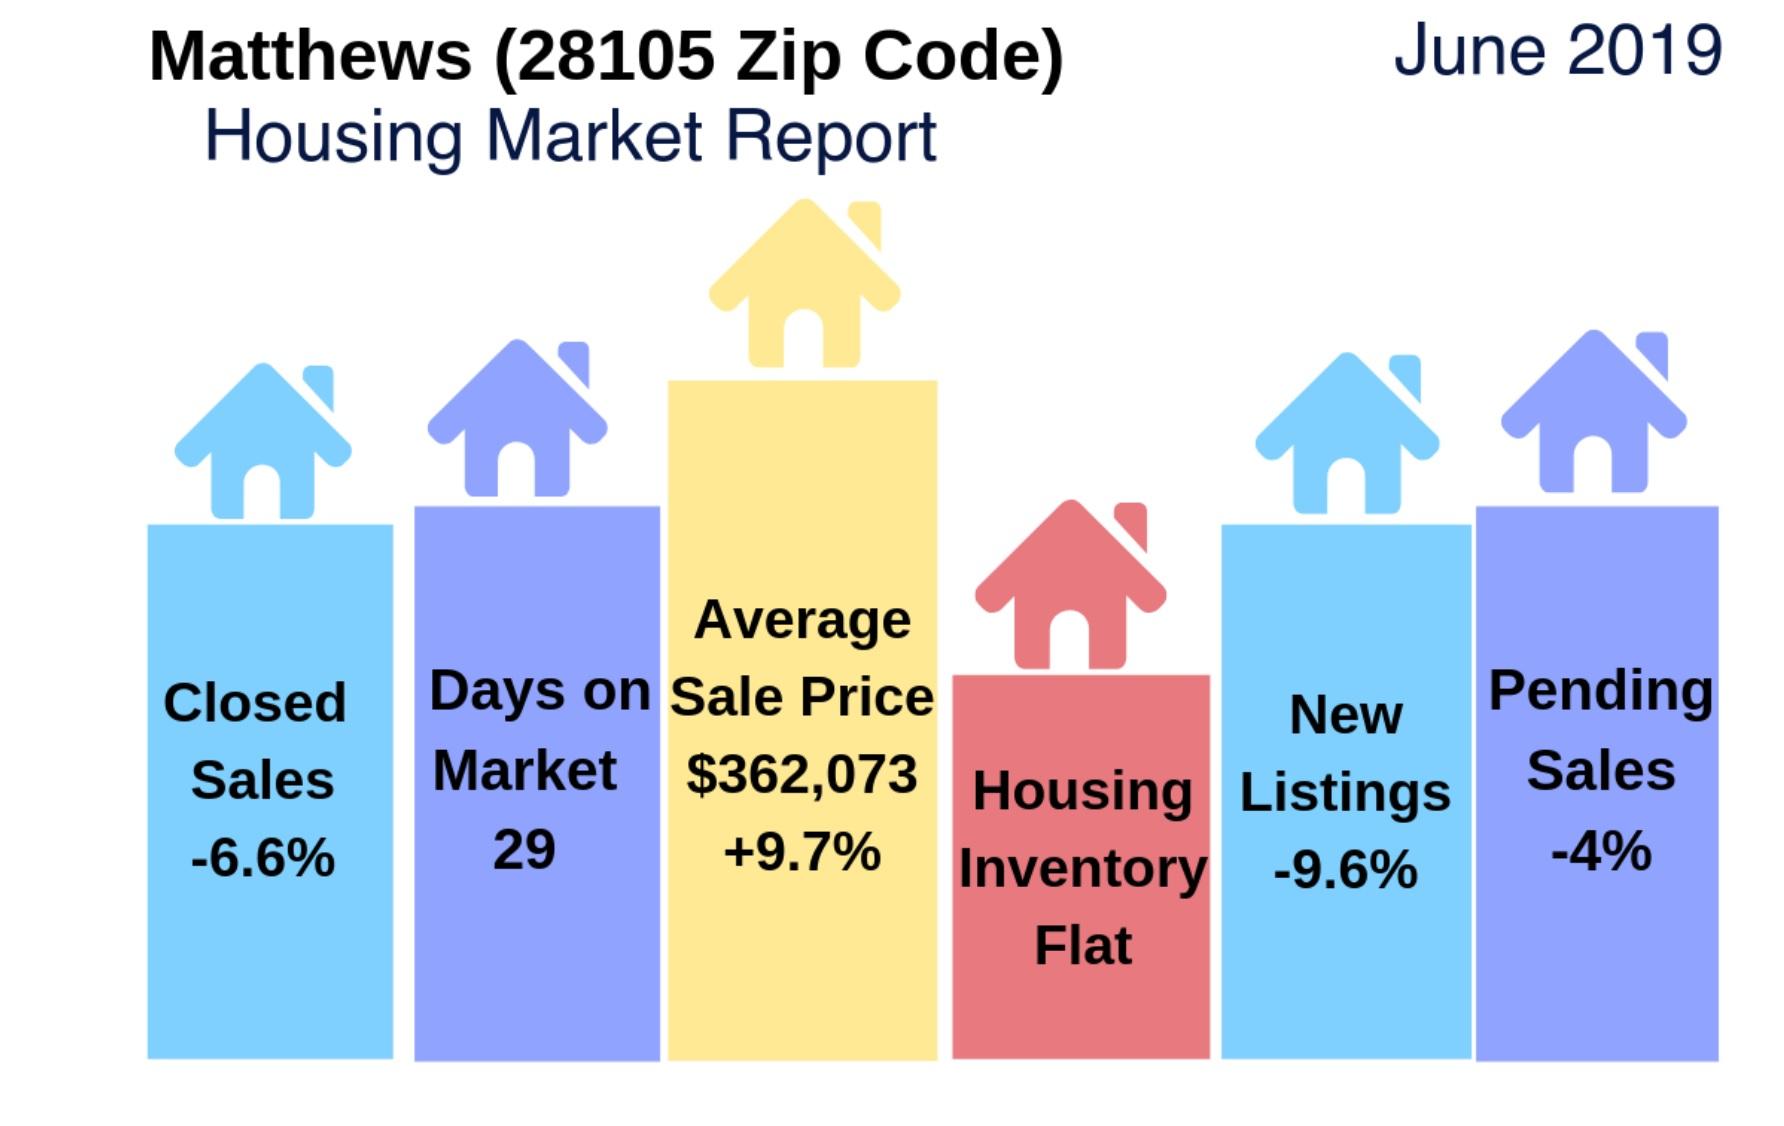 Matthews, NC (28105 Zip Code) Housing Market Update & Video: June 2019